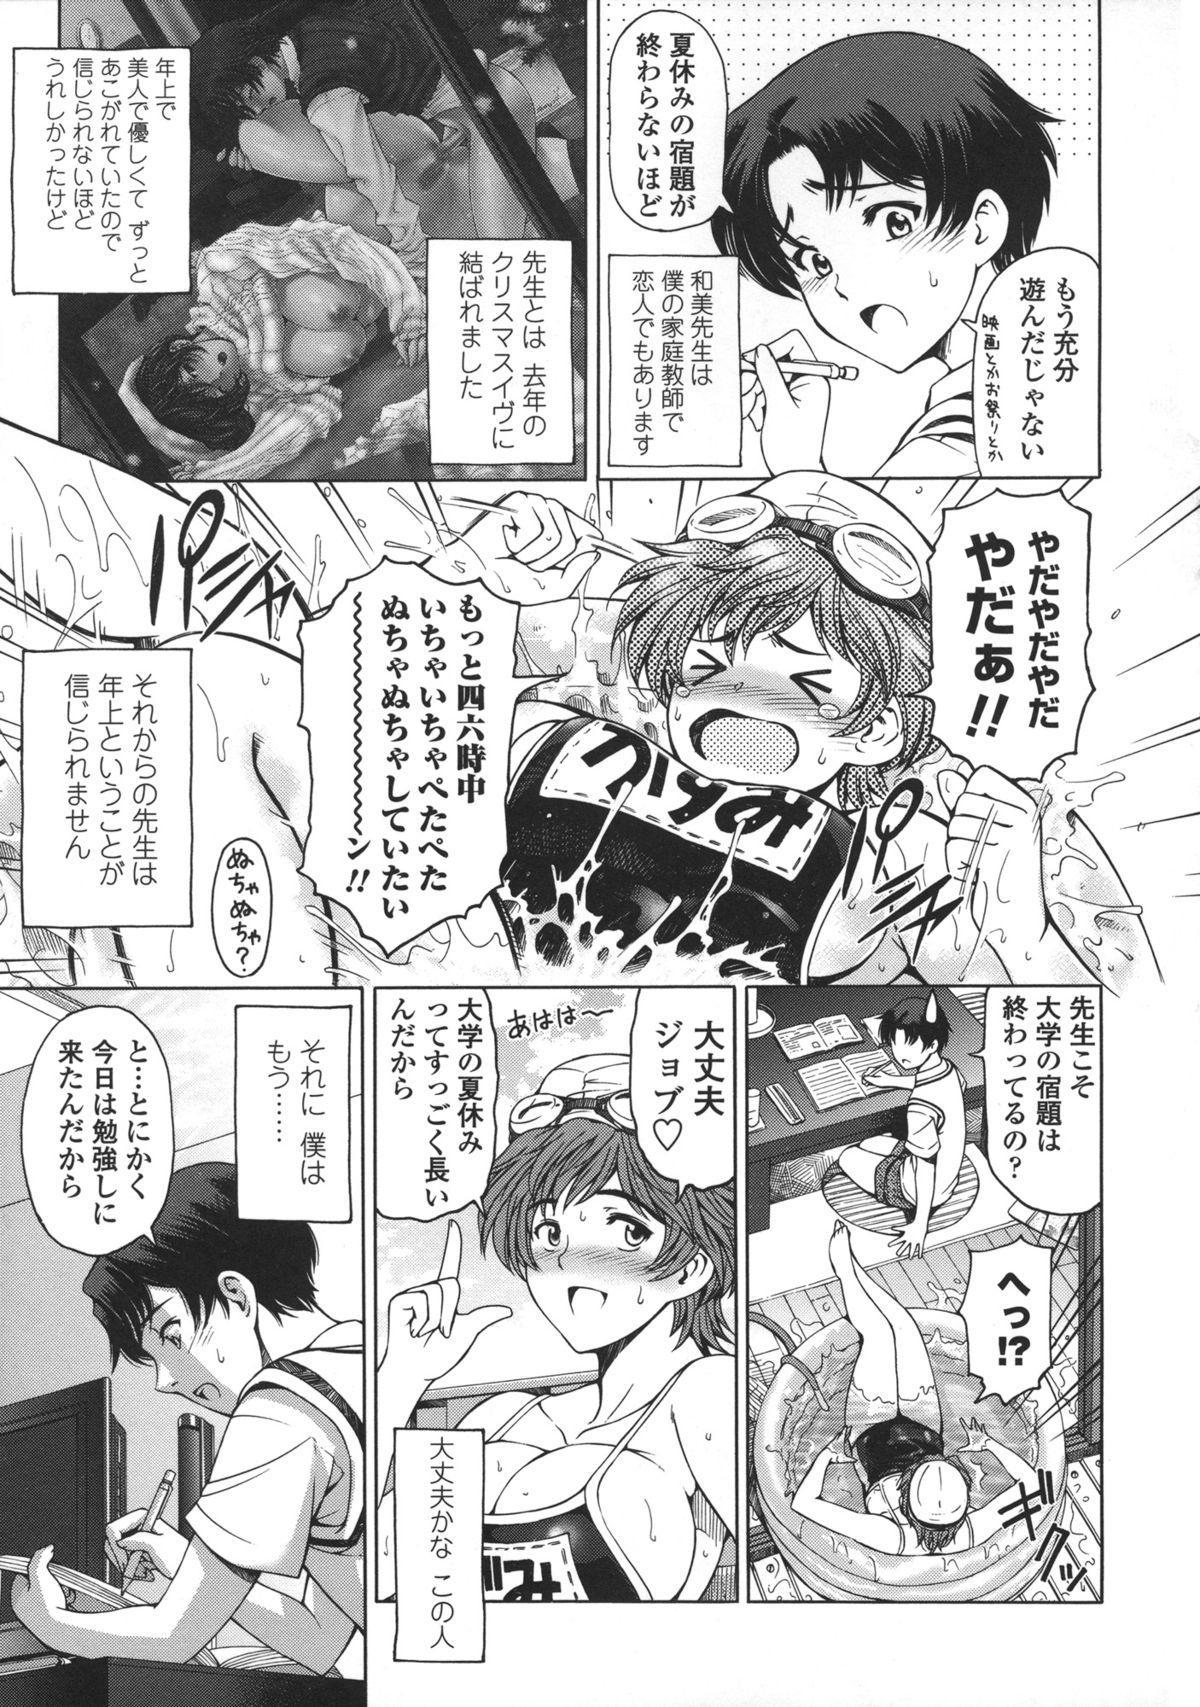 Ane wa Shota o Suki ni Naru 203